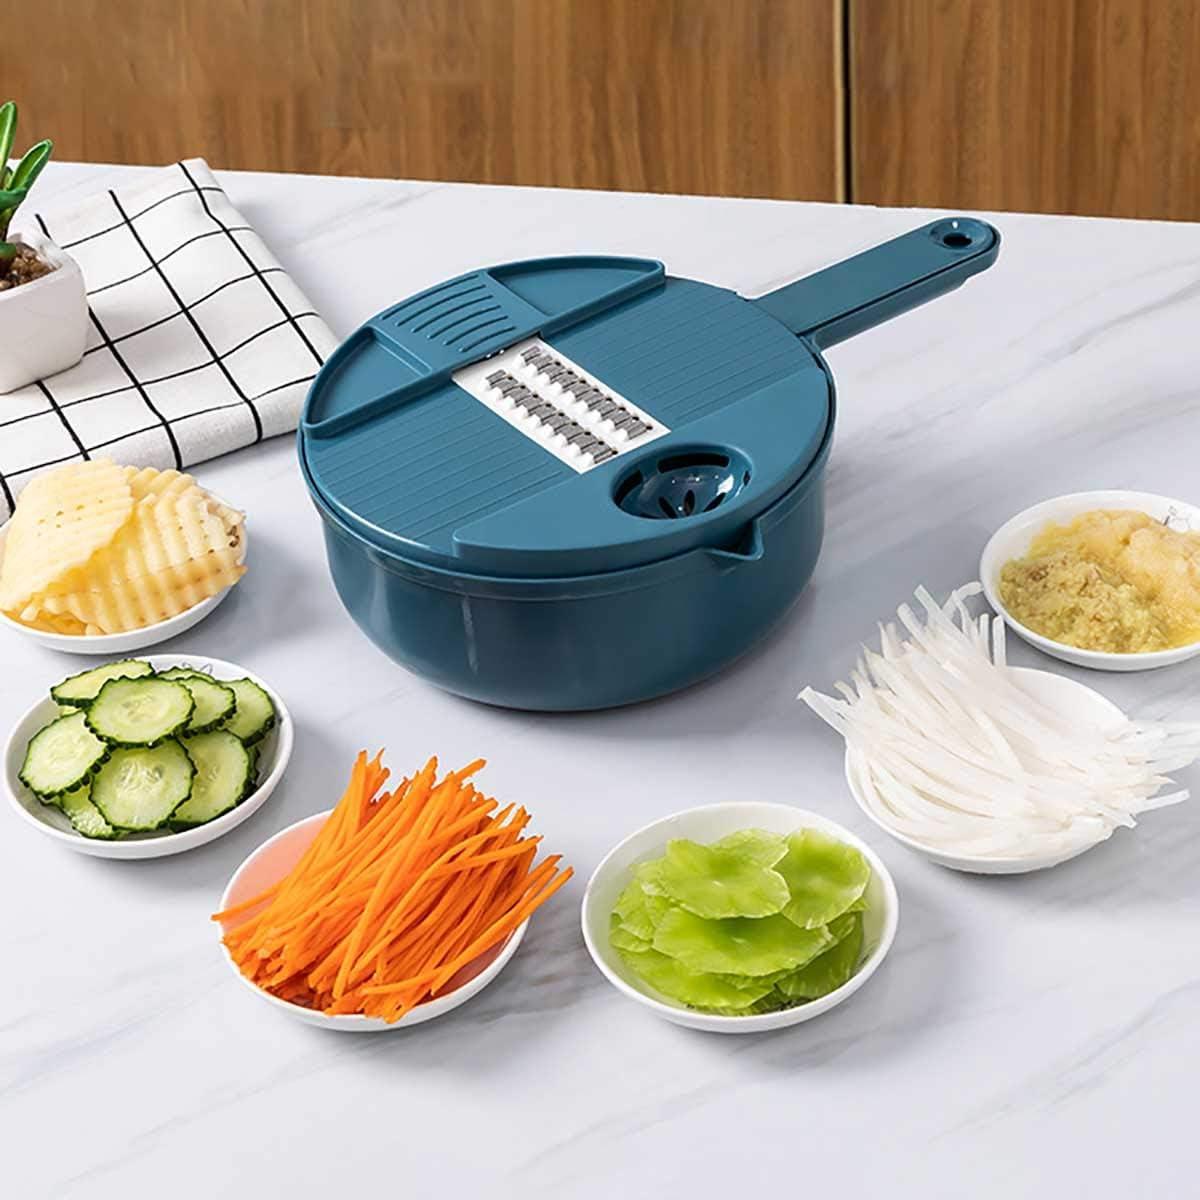 OPYWQS 10 in 1 Vegetable Mandoline Julienne Grater Slicer Food Chopper Cutter Dicer,Egg Yolk Separator & Drain Basket,Adjustable,for Kitchen,Blue